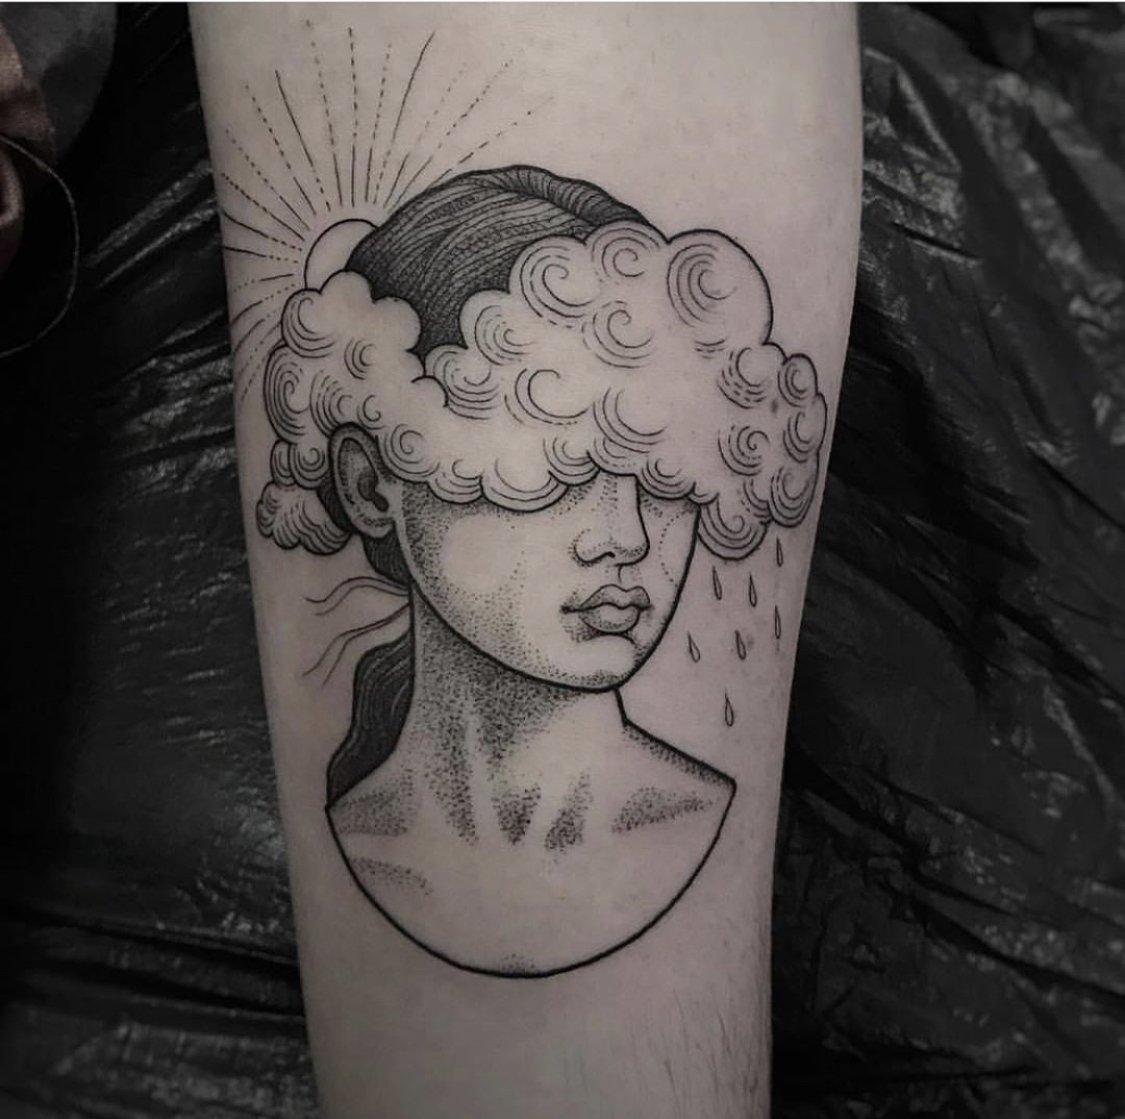 miglior tatuaggio femminile